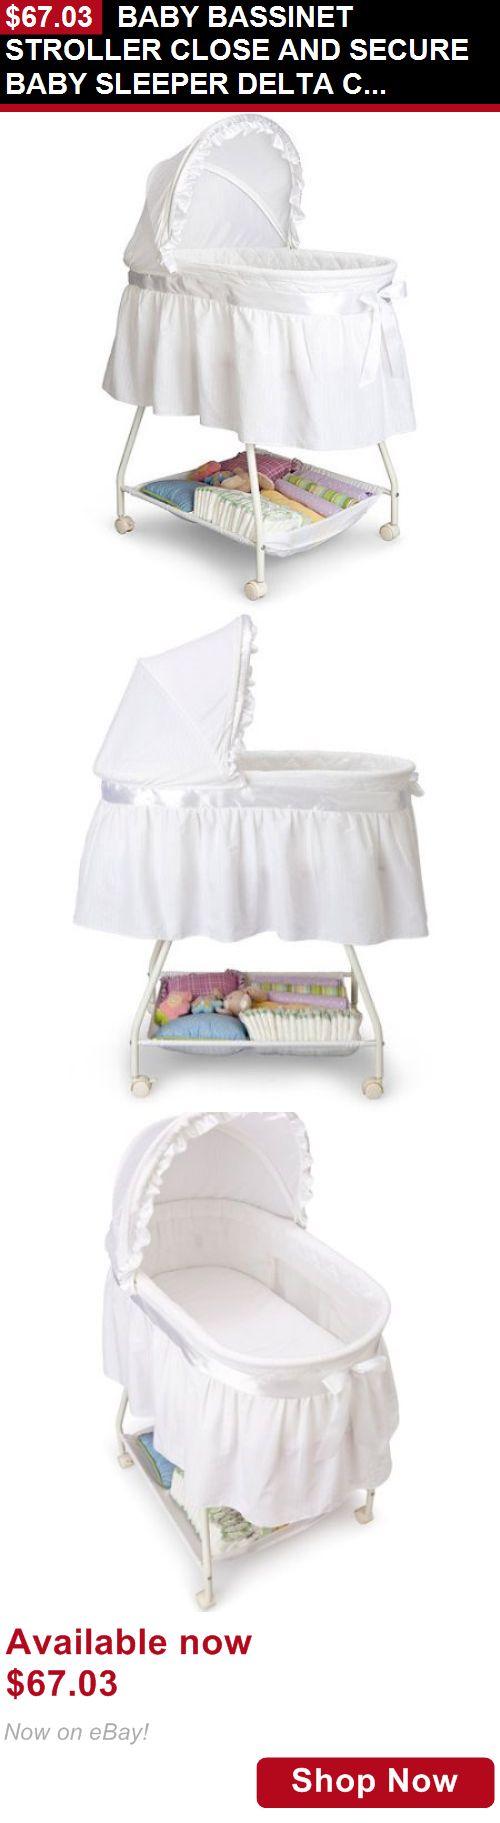 12 best baby products d o o n d d d d d o n n n d d n n o o d images on pinterest